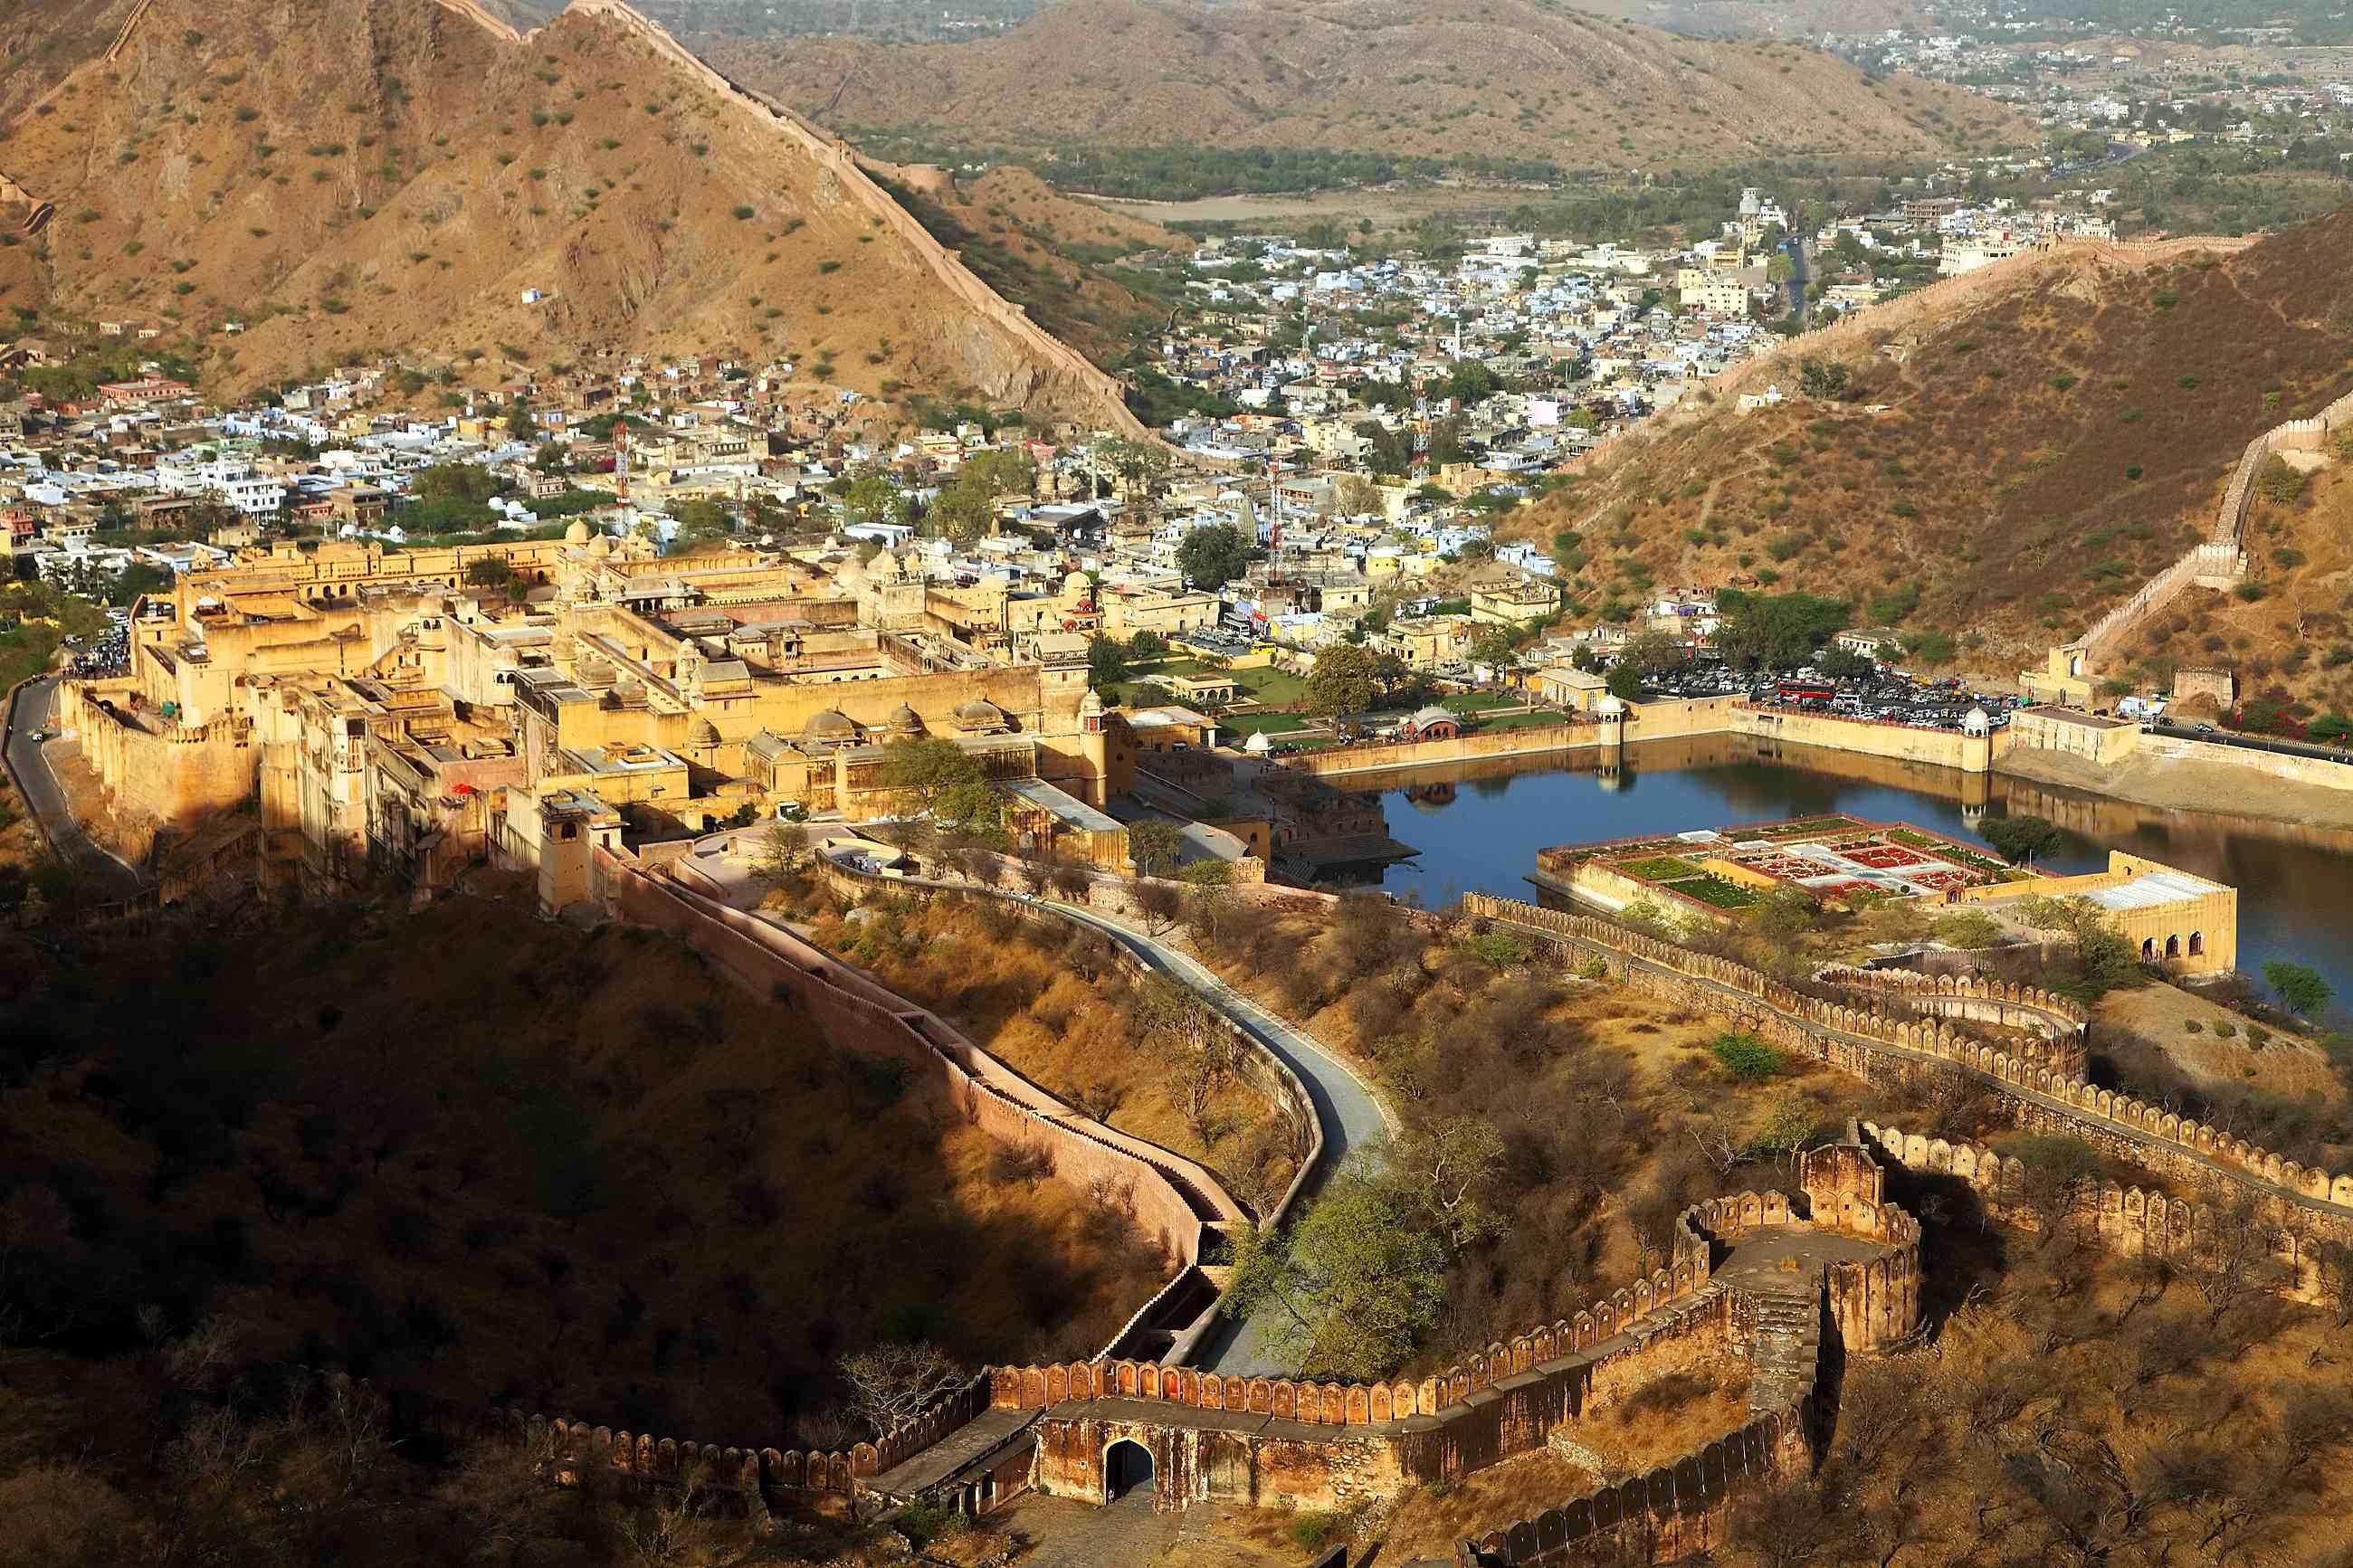 Aerial view of Jaipur.